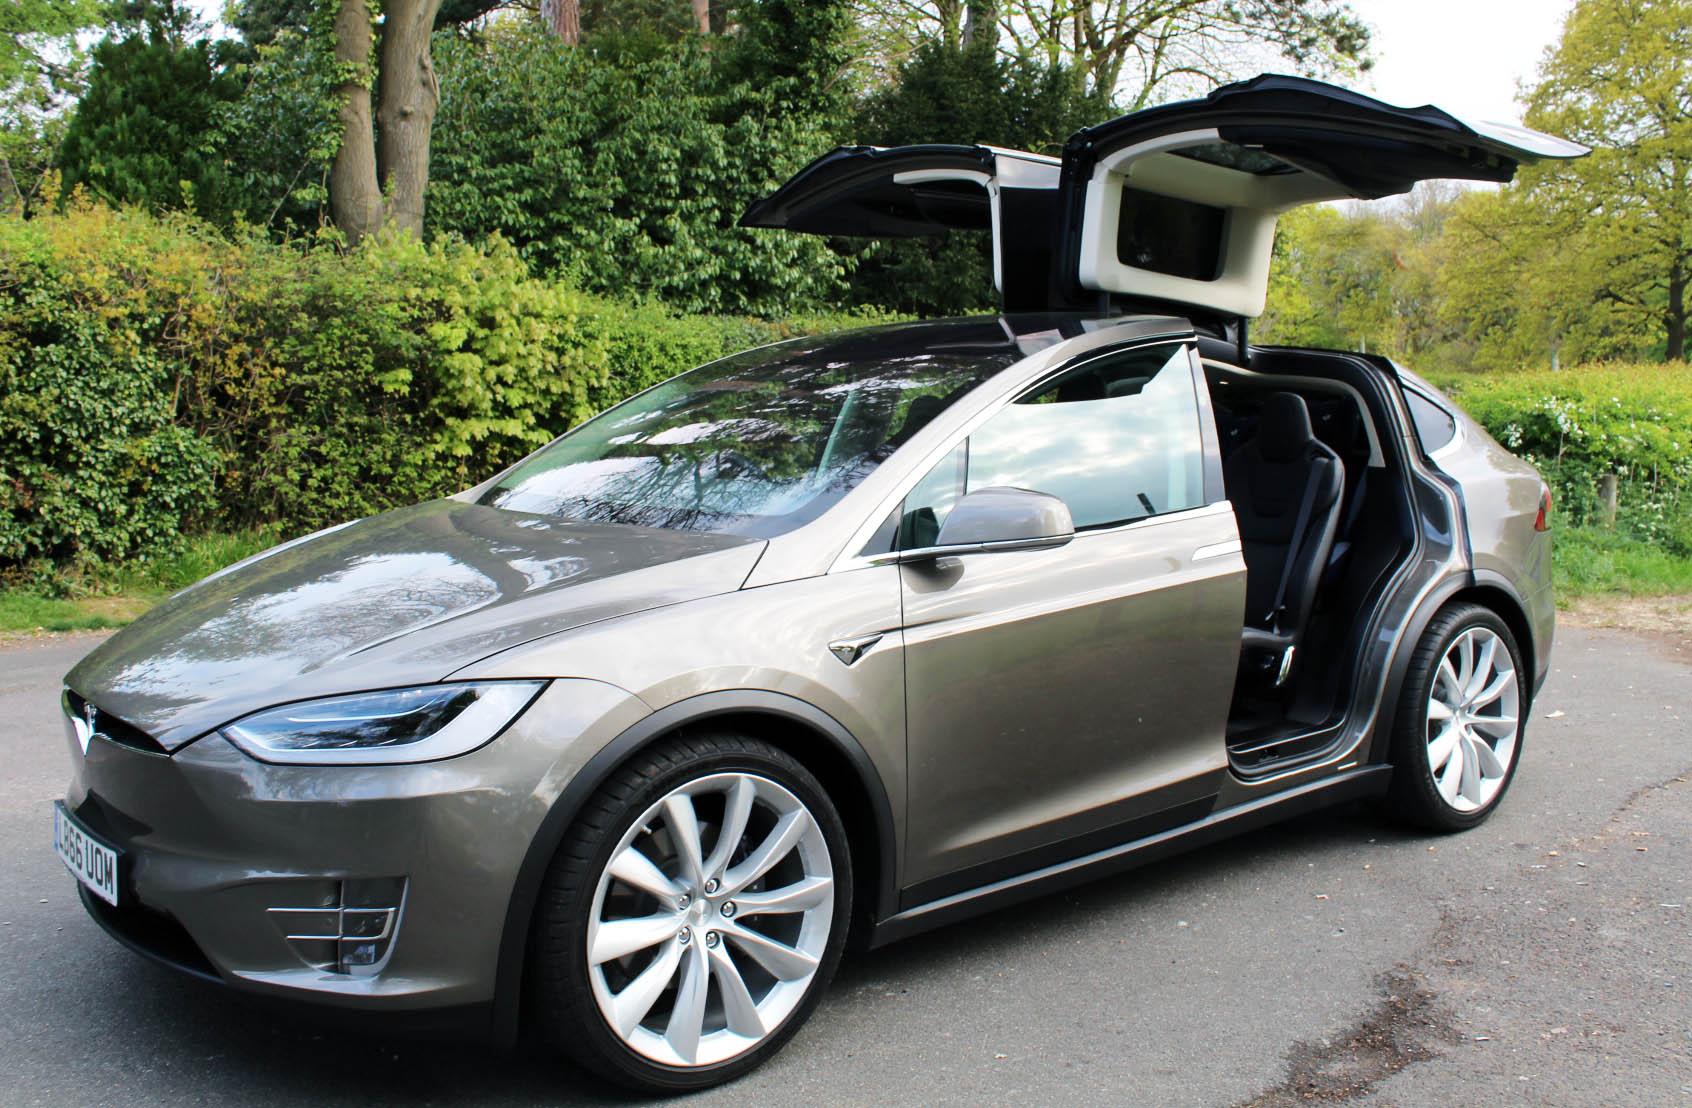 Tesla Model X, falcon wing doors, EVr Go Electric, dadbloguk, dadbloguk.com, school run dad, electric car reviews